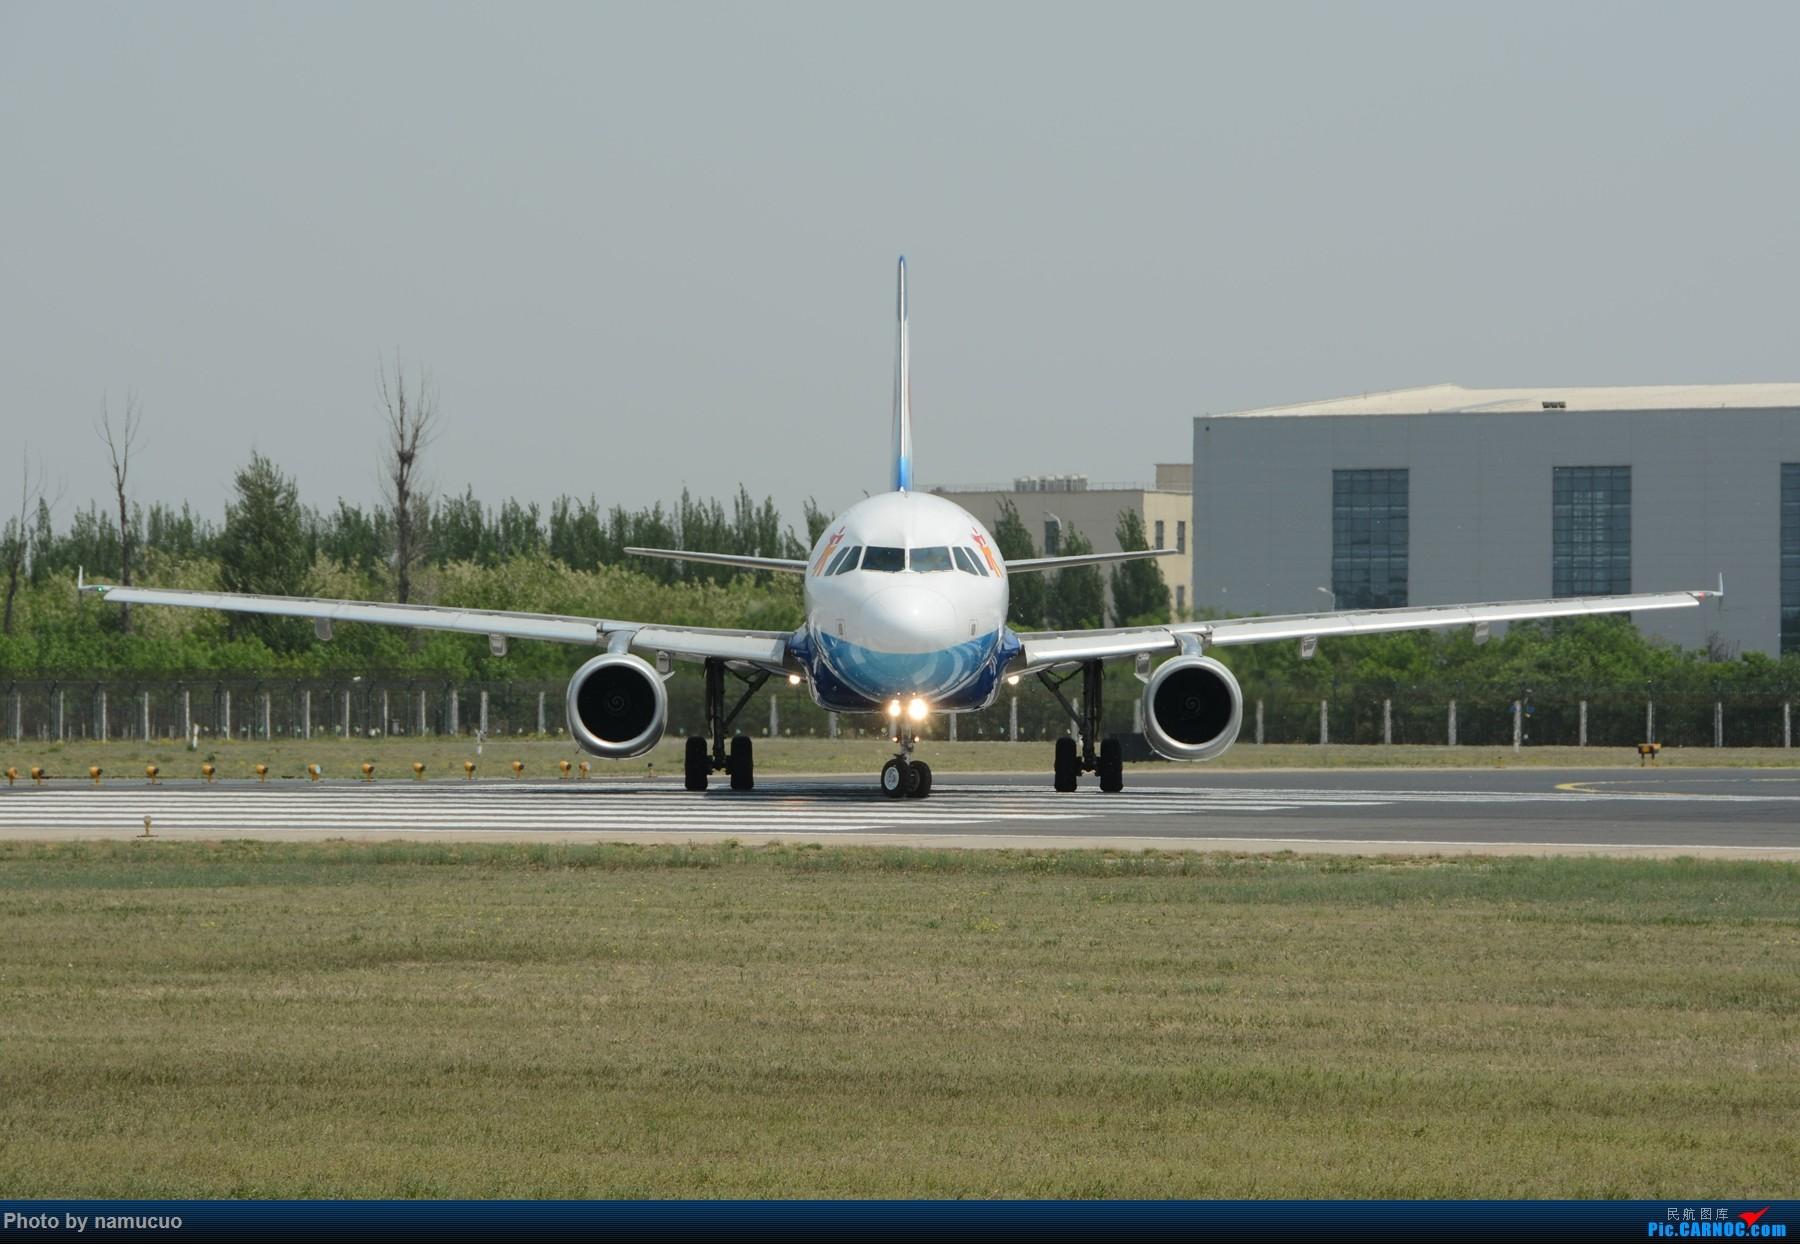 [原创]【PEK】【专题】【正面照、大头照系列】比比谁最美(有个悲催的家伙等了半天返回了) AIRBUS A320-200 B-9976